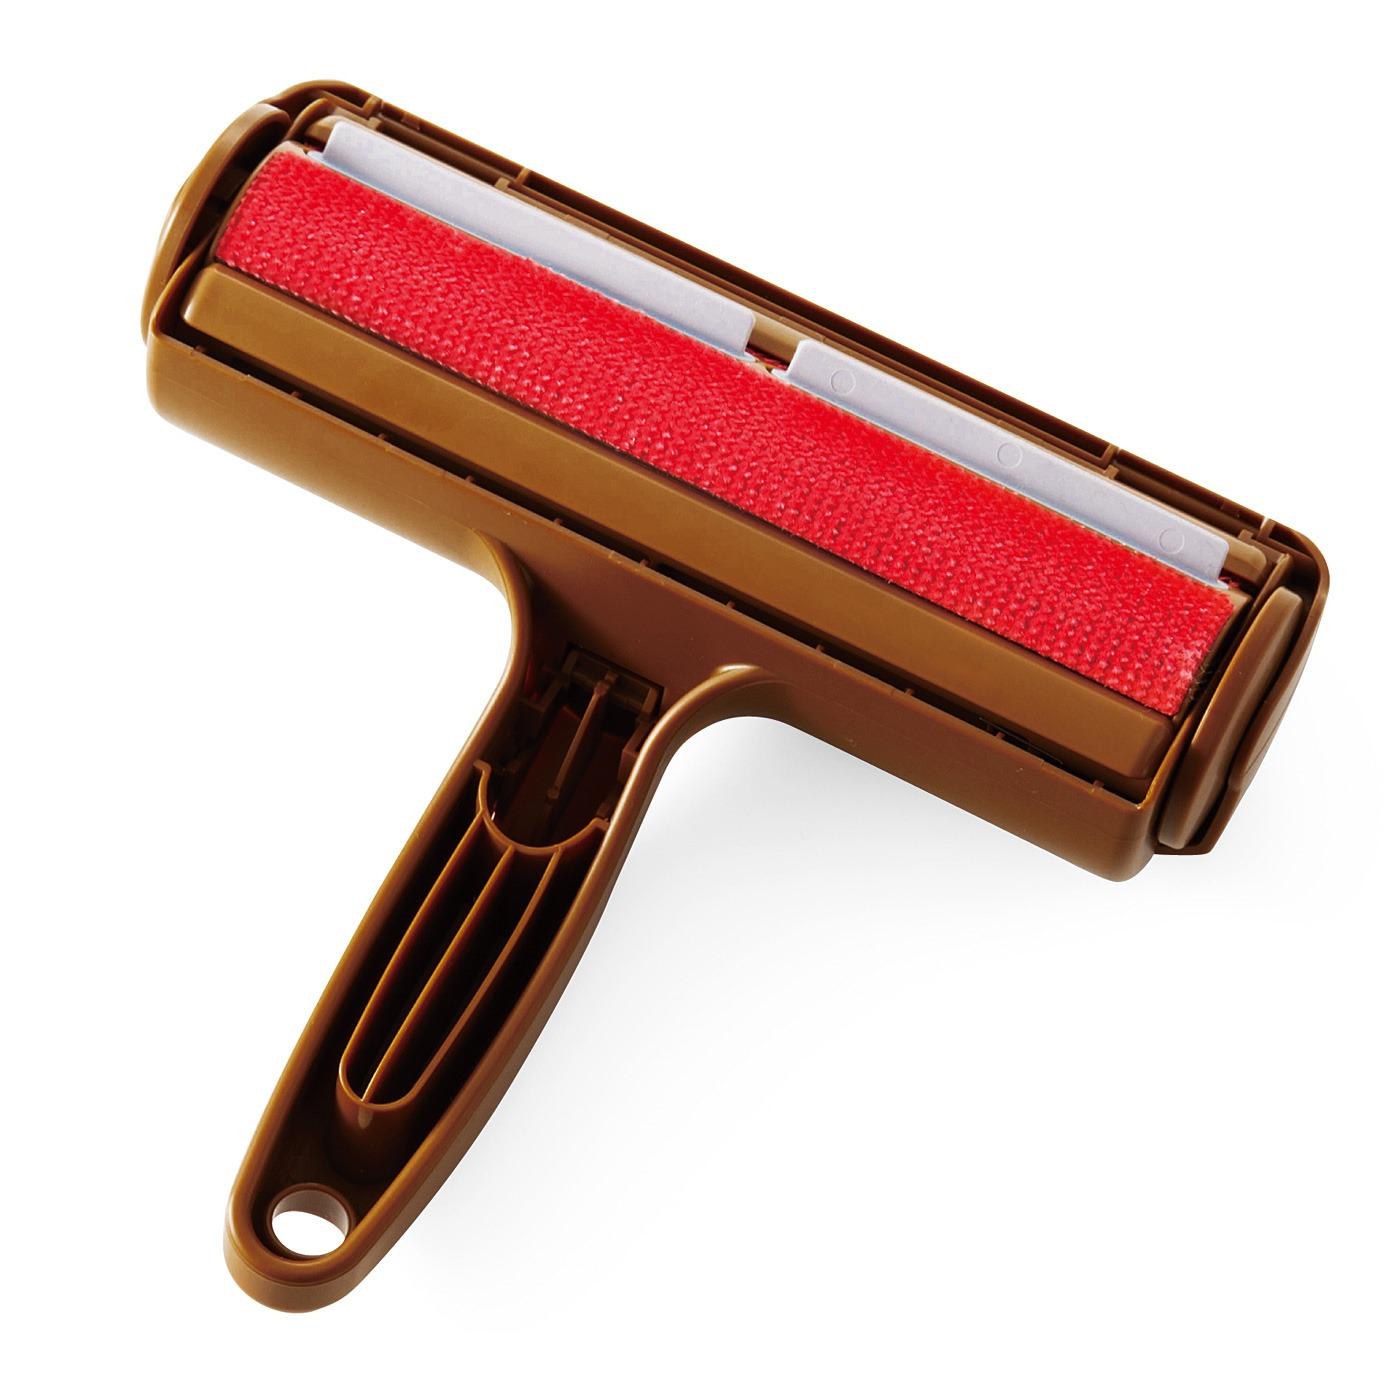 赤いエチケット(R)ブラシが回転します。